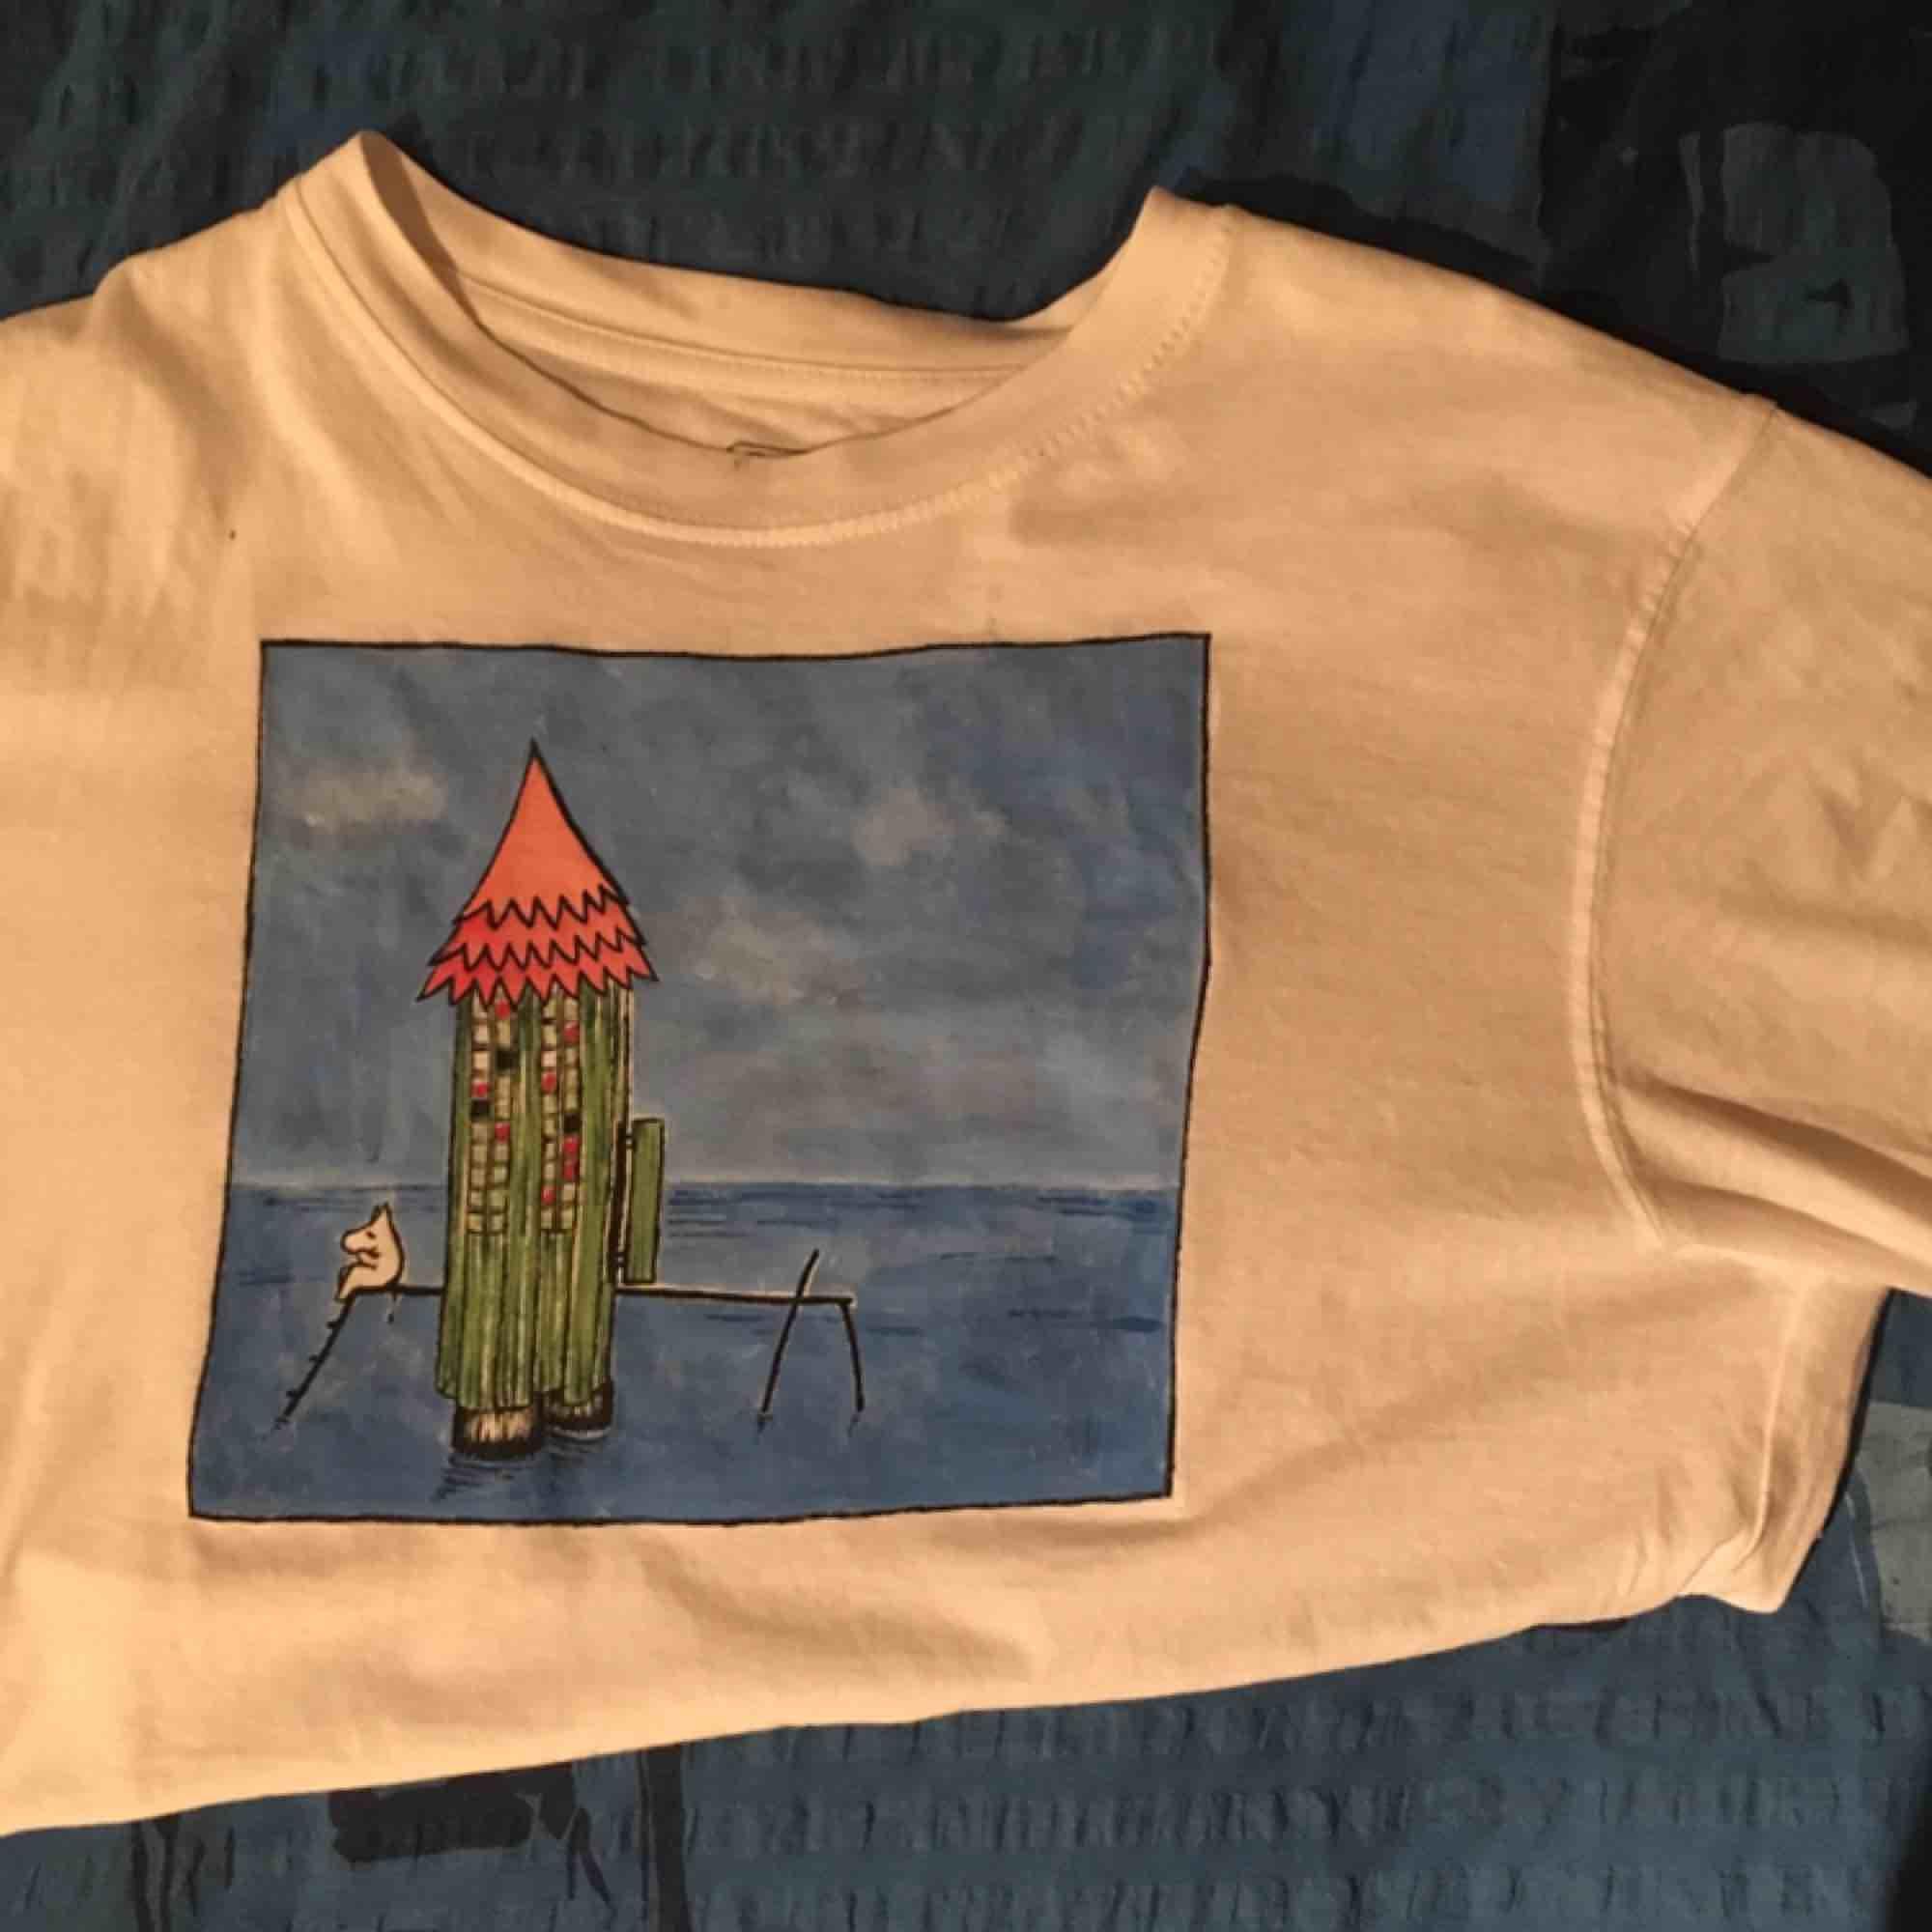 Hejhej jag säljer tröjor som jag målar själv. Denna är inte till salu men jag kan måla något liknande, ta beställningar eller bara hitta på ett nytt motiv❤️ pris varierar 200-300 beroende på vad du vill ha. Möts upp eller fraktar❤️. T-shirts.